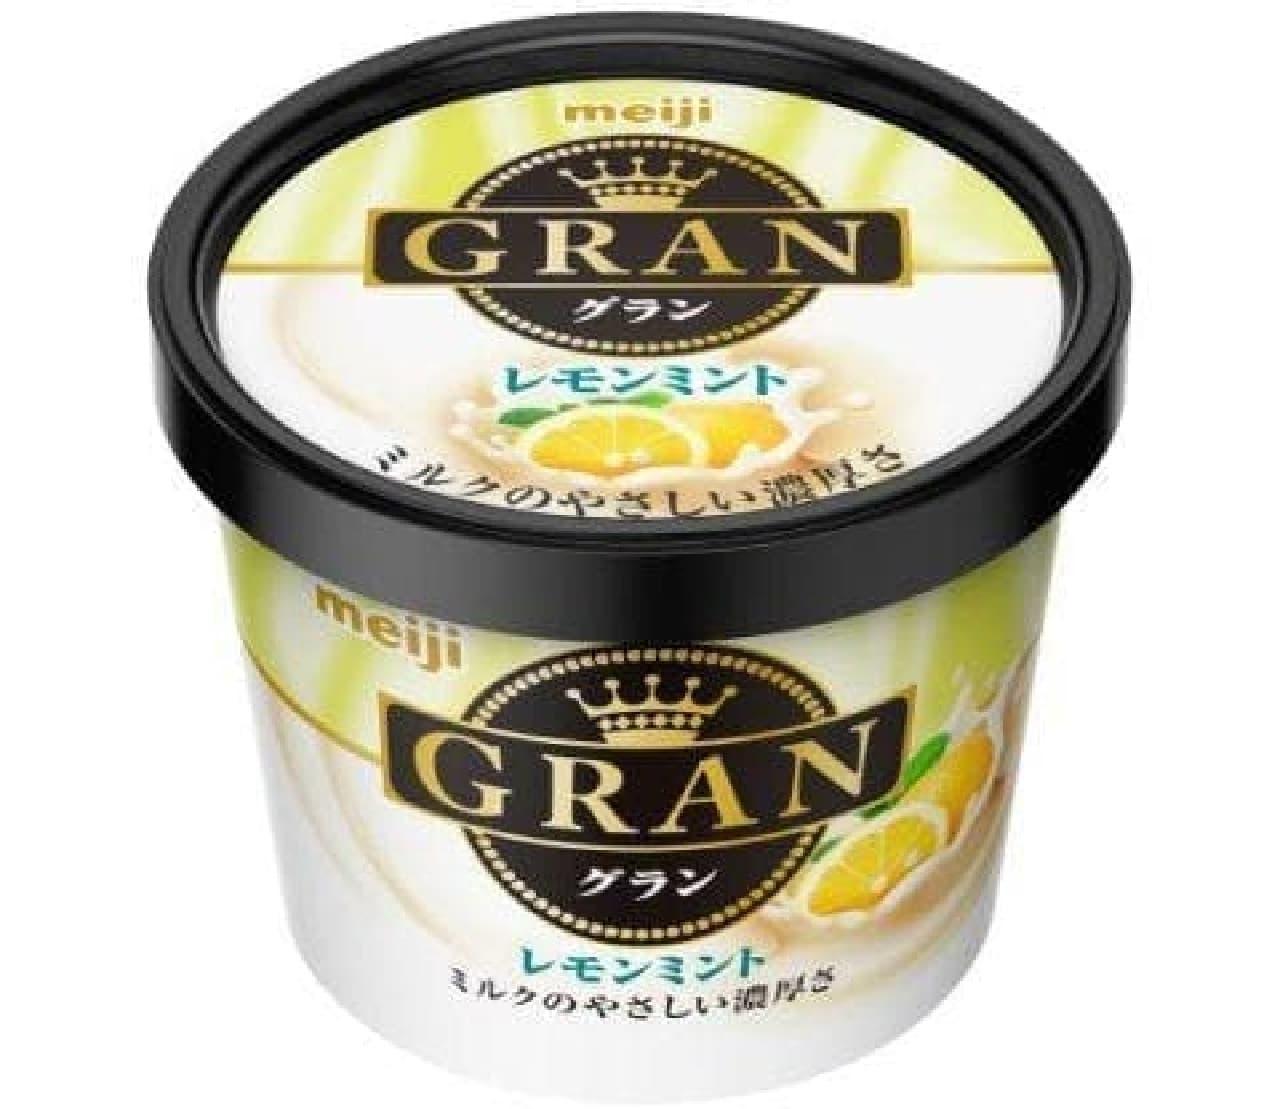 GRAN レモンミント